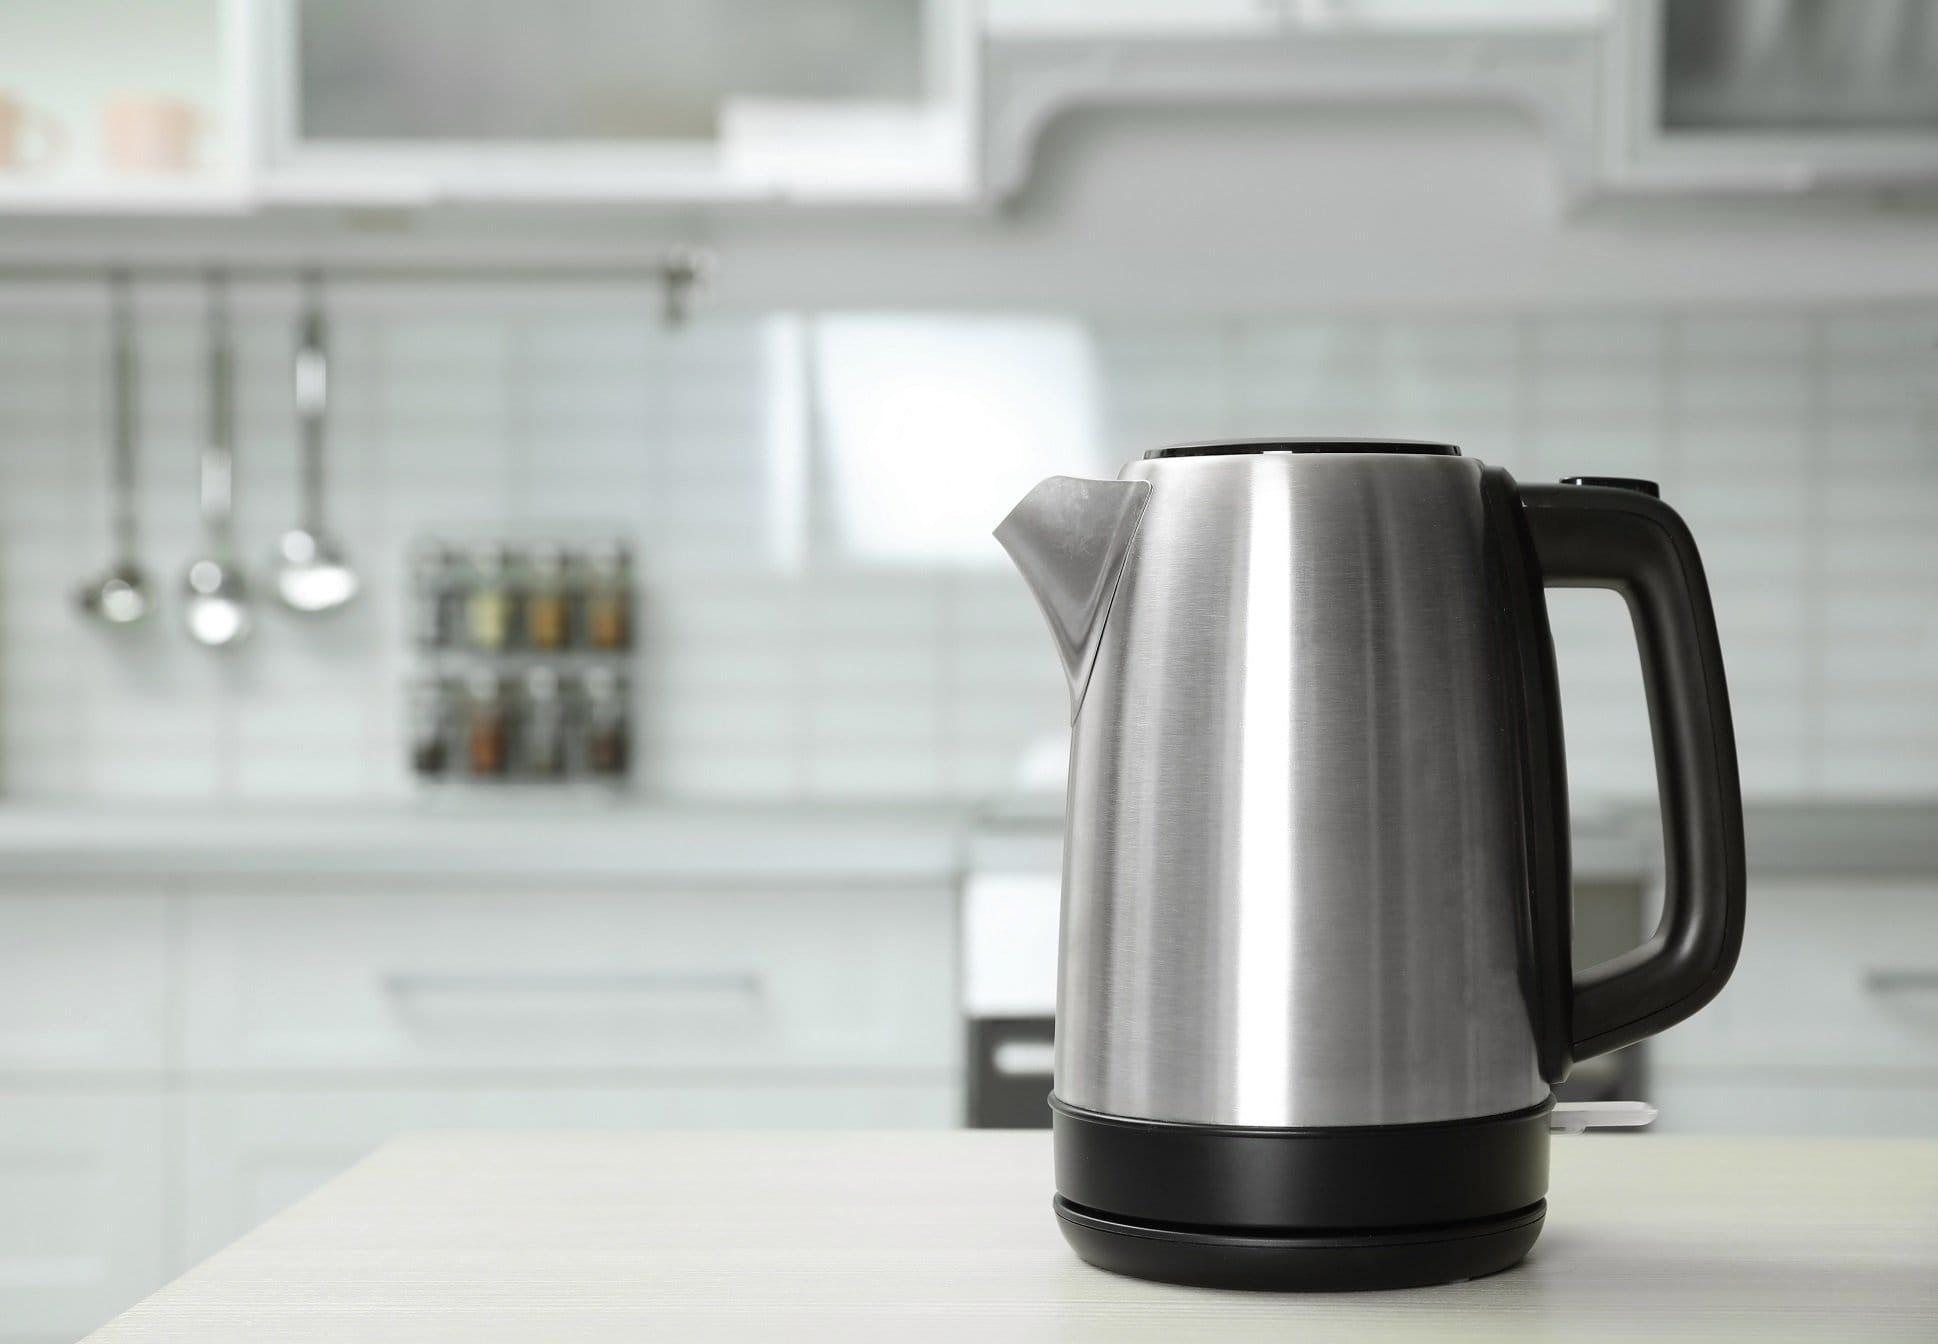 Wasserkocher aus Edelstahl reinigen 20 Hausmittel im Test